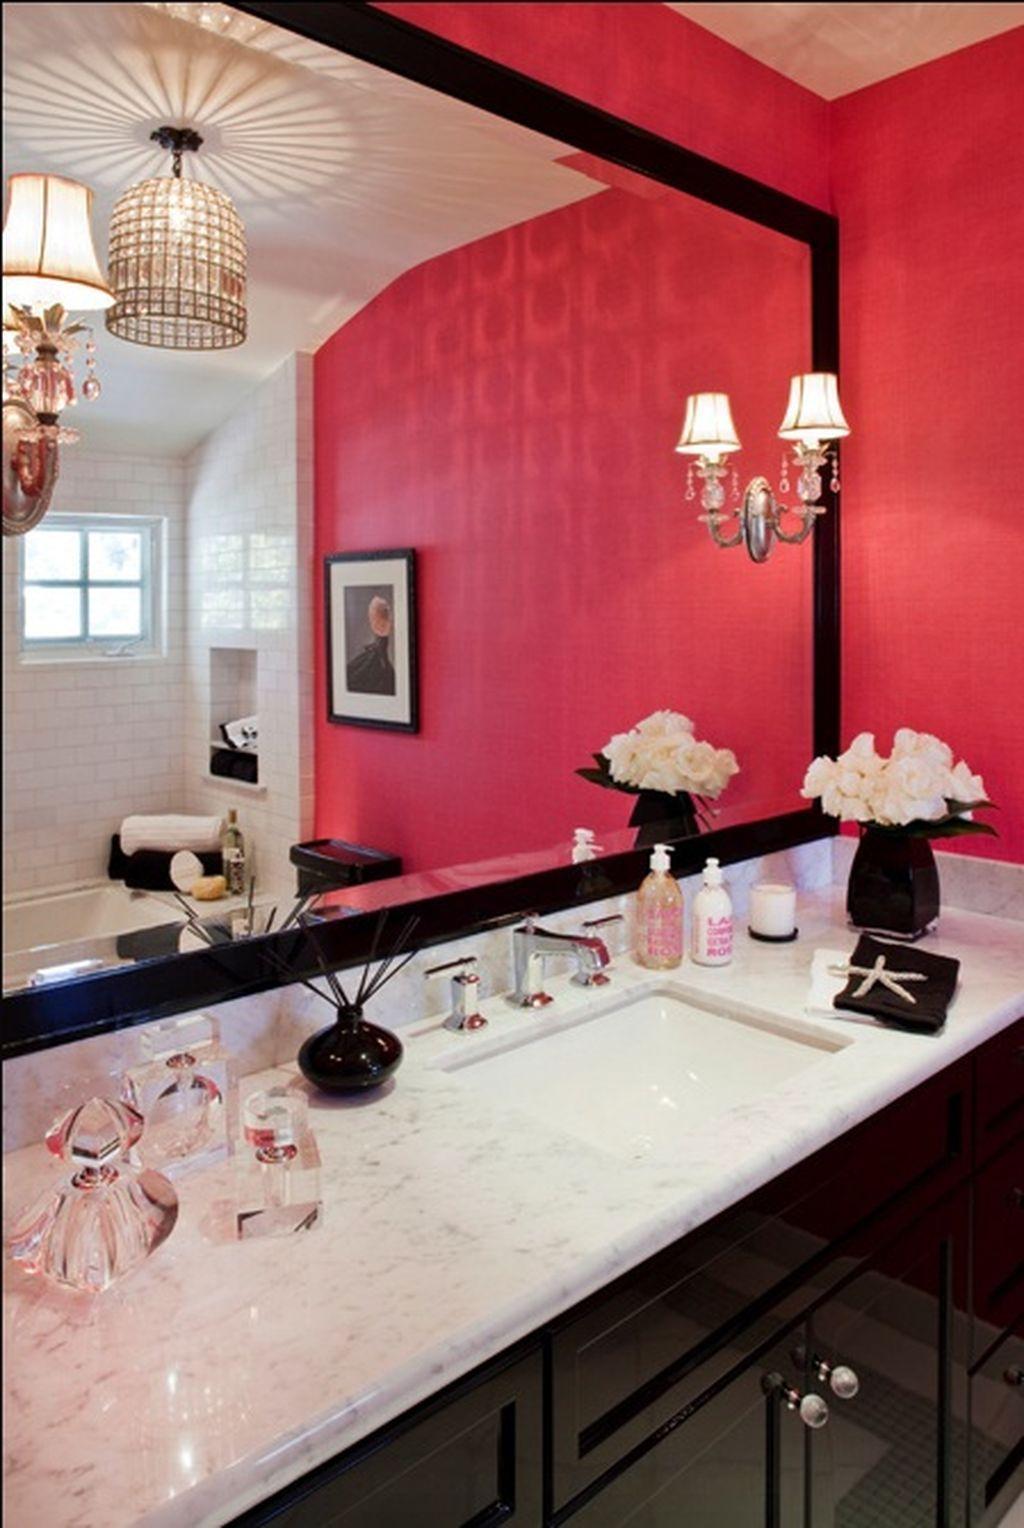 47 comfy and glamorous bathroom decor ideas  bathroom